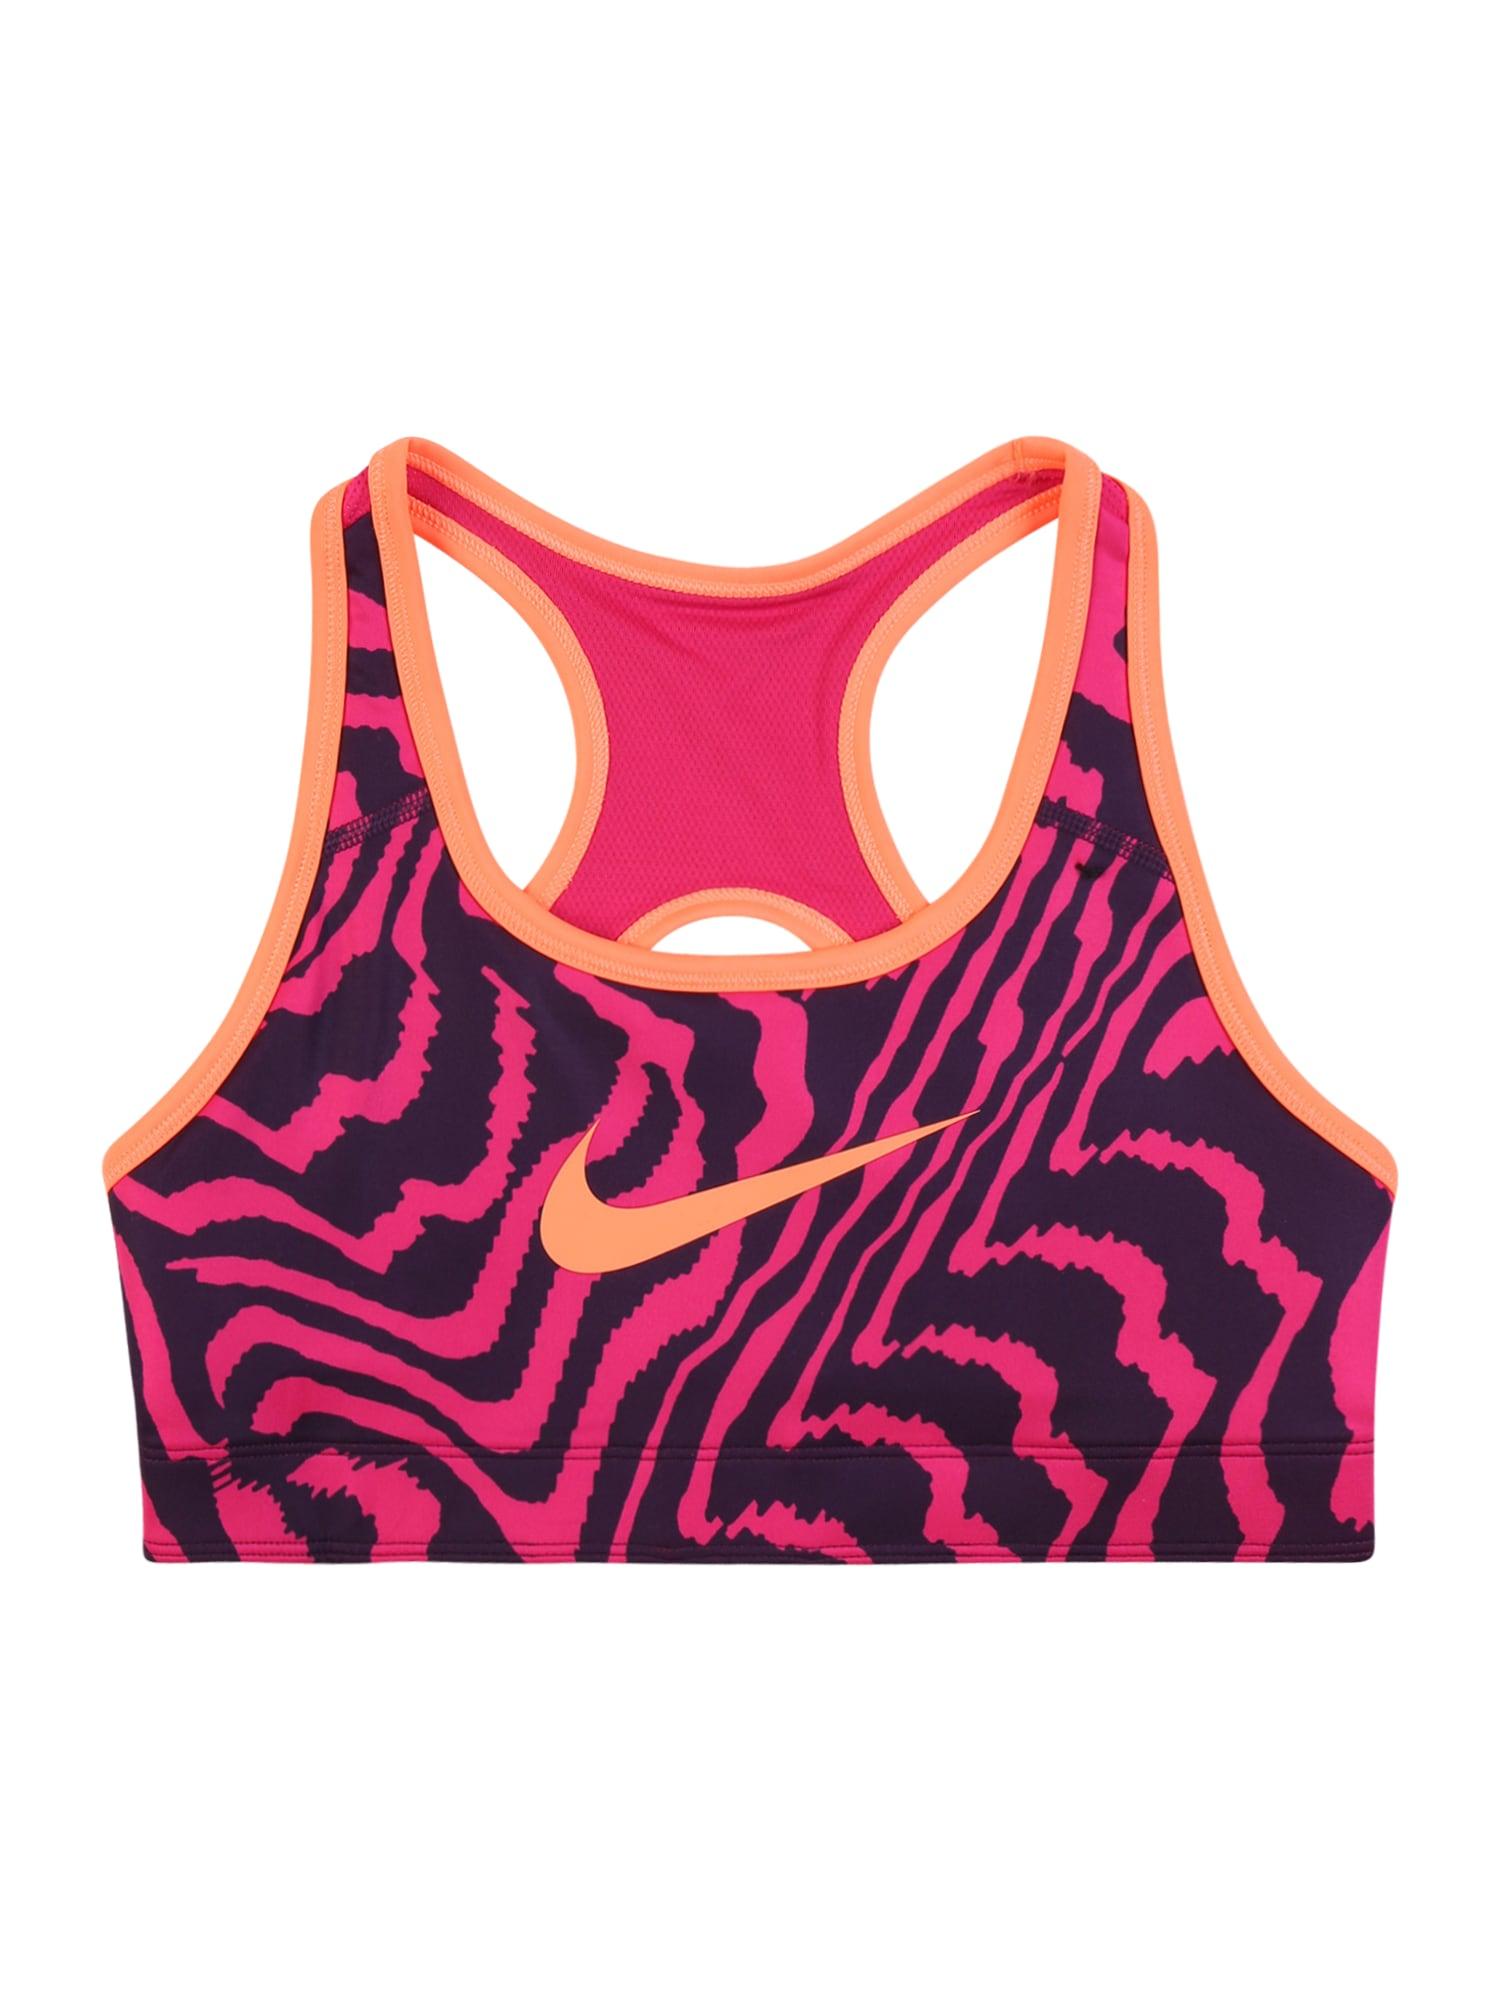 NIKE Sportinio stiliaus apatiniai drabužiai rožinė / tamsiai mėlyna / persikų spalva